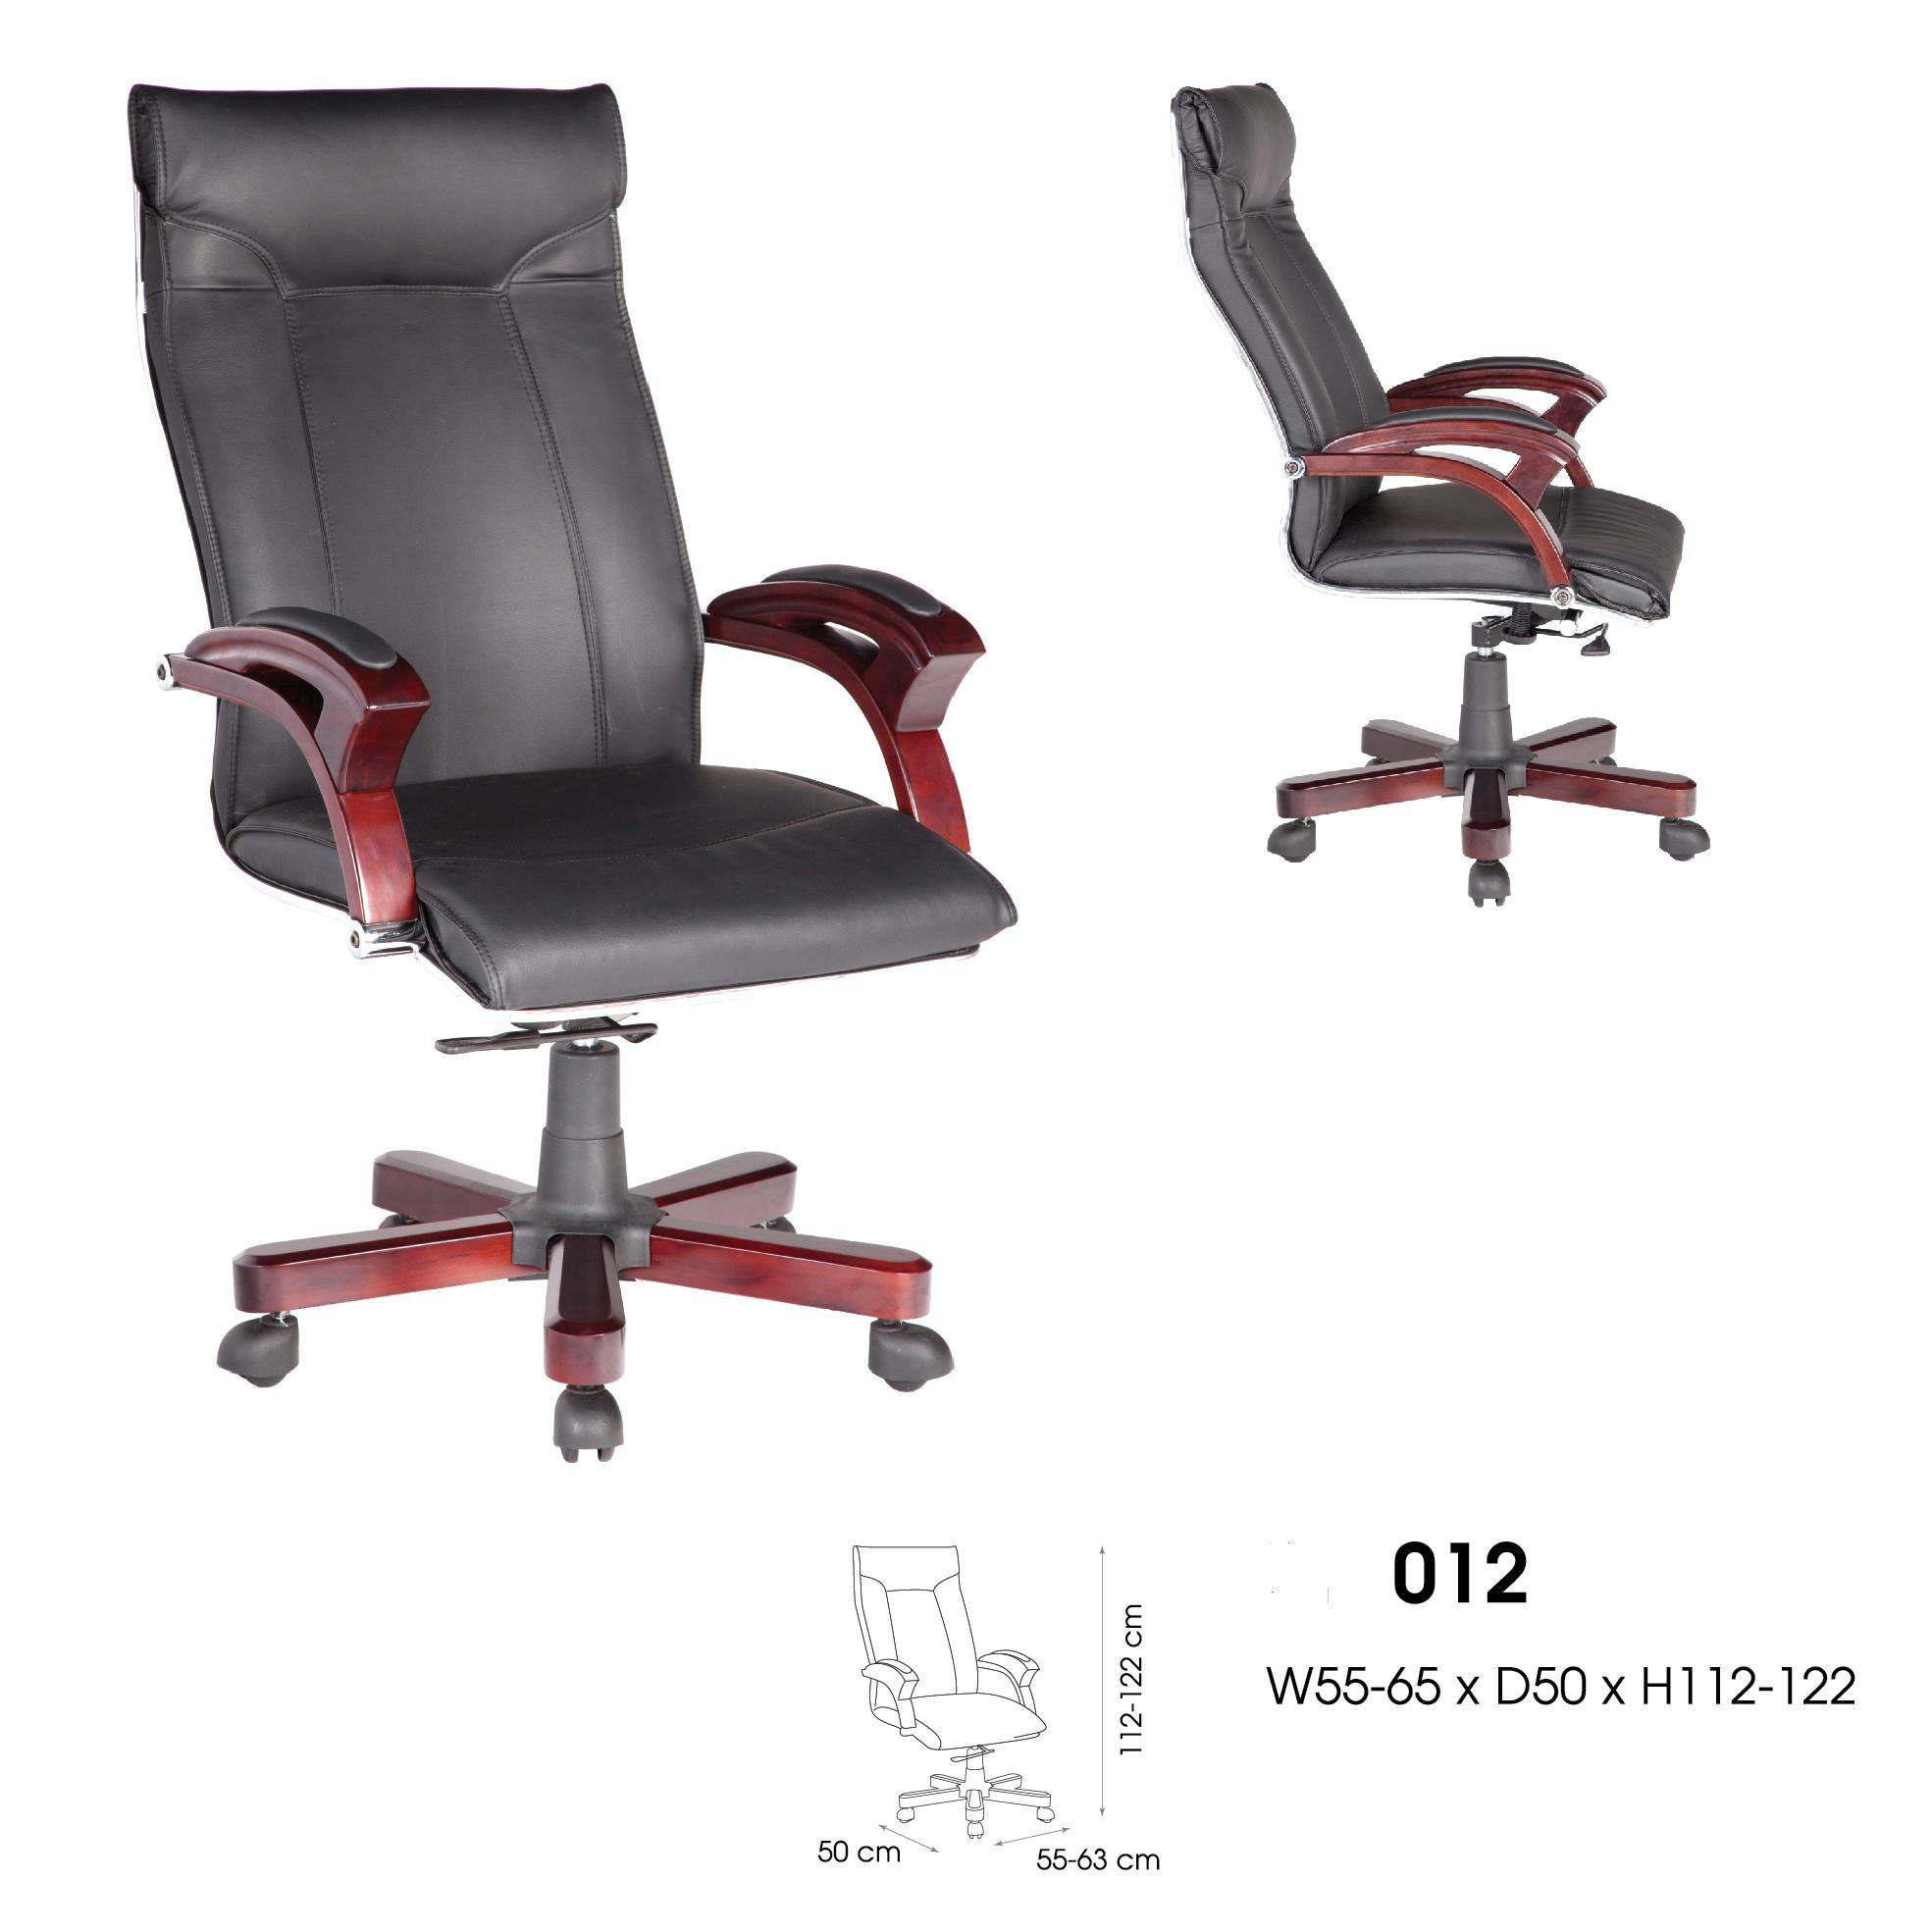 Ghế giám đốc GD-012